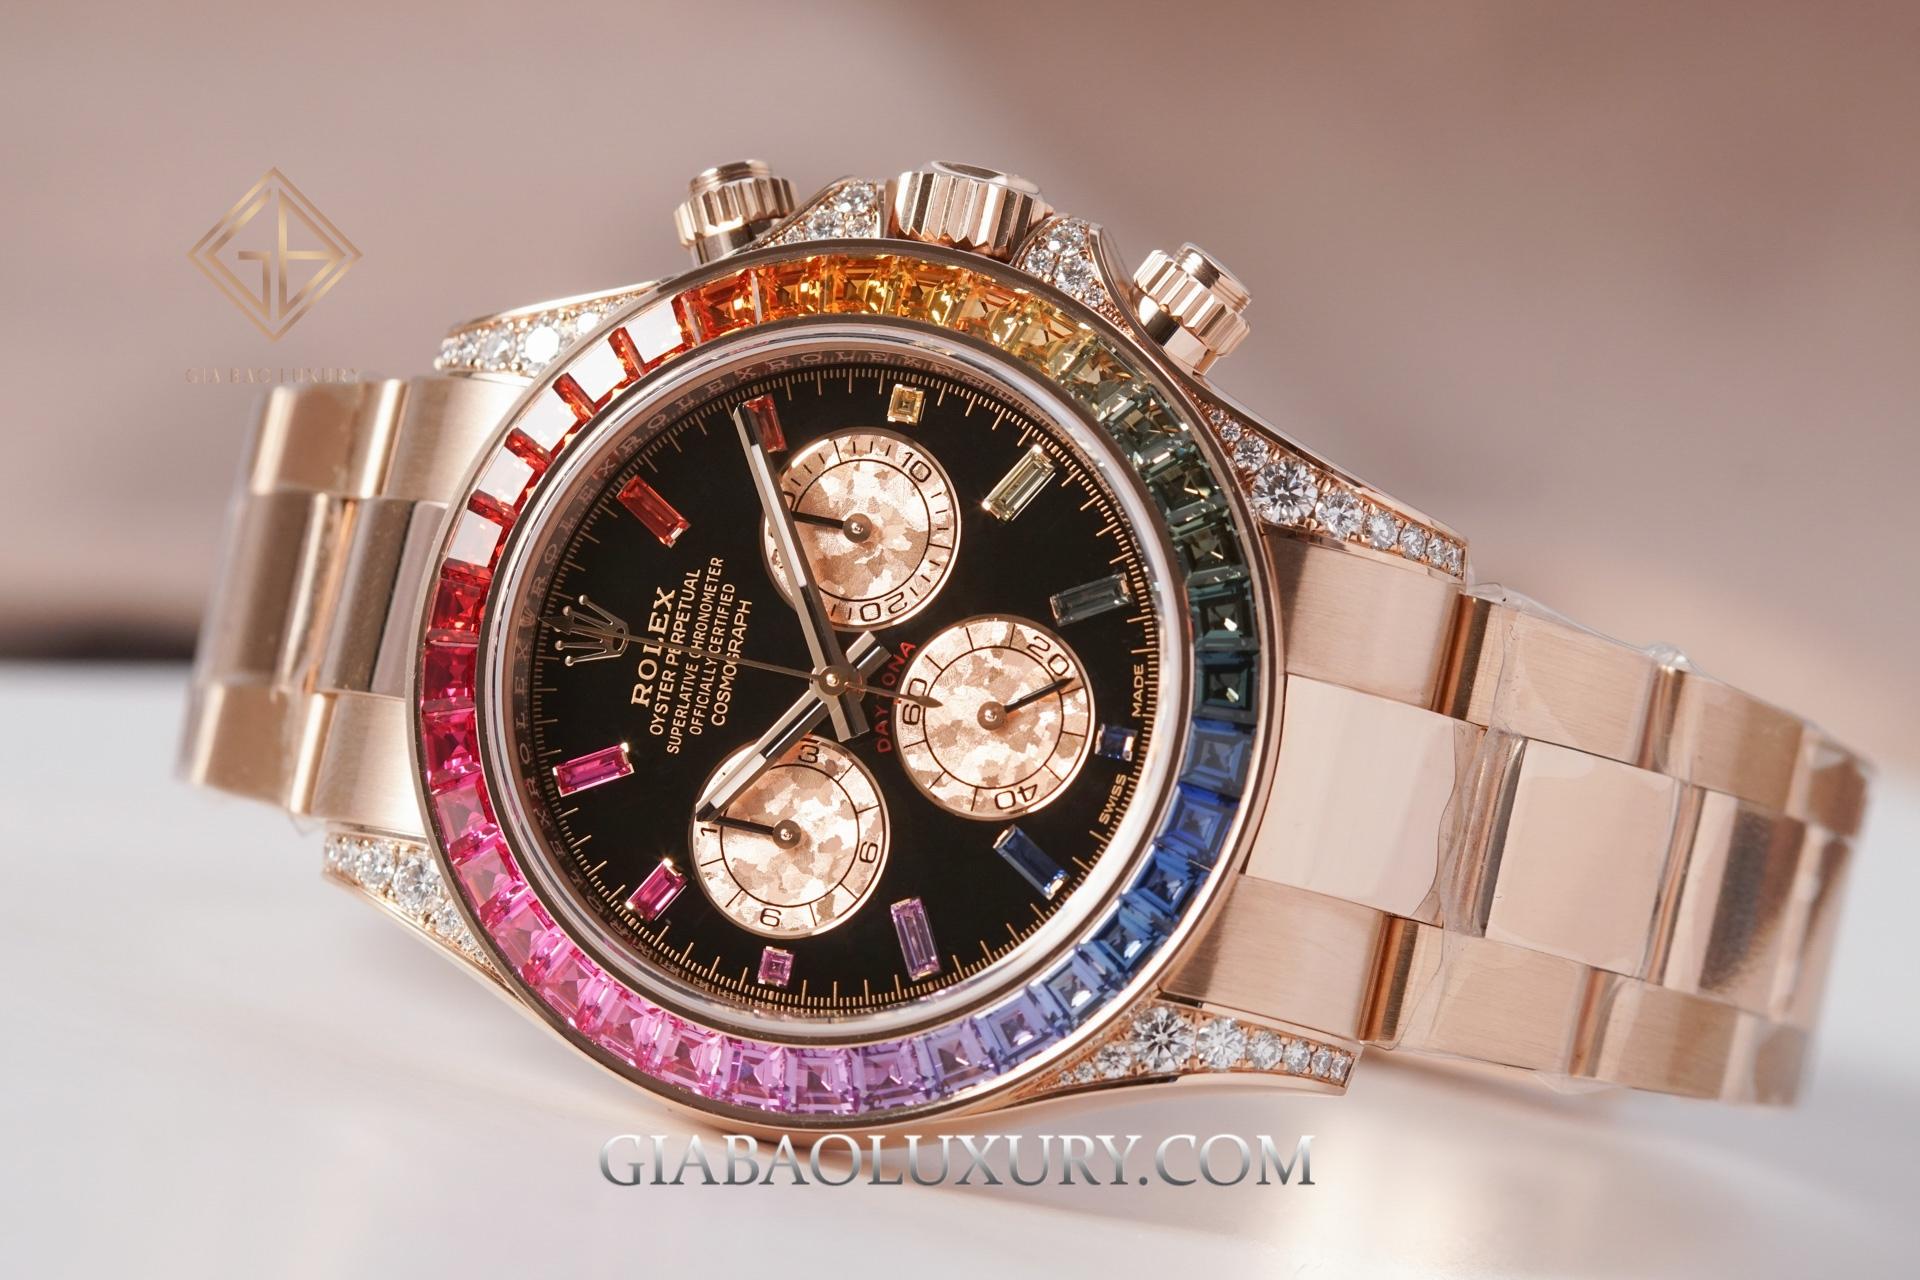 Đồng hồ Rolex Cosmograph Daytona 116595RBOW Mặt Số Đen Hồng